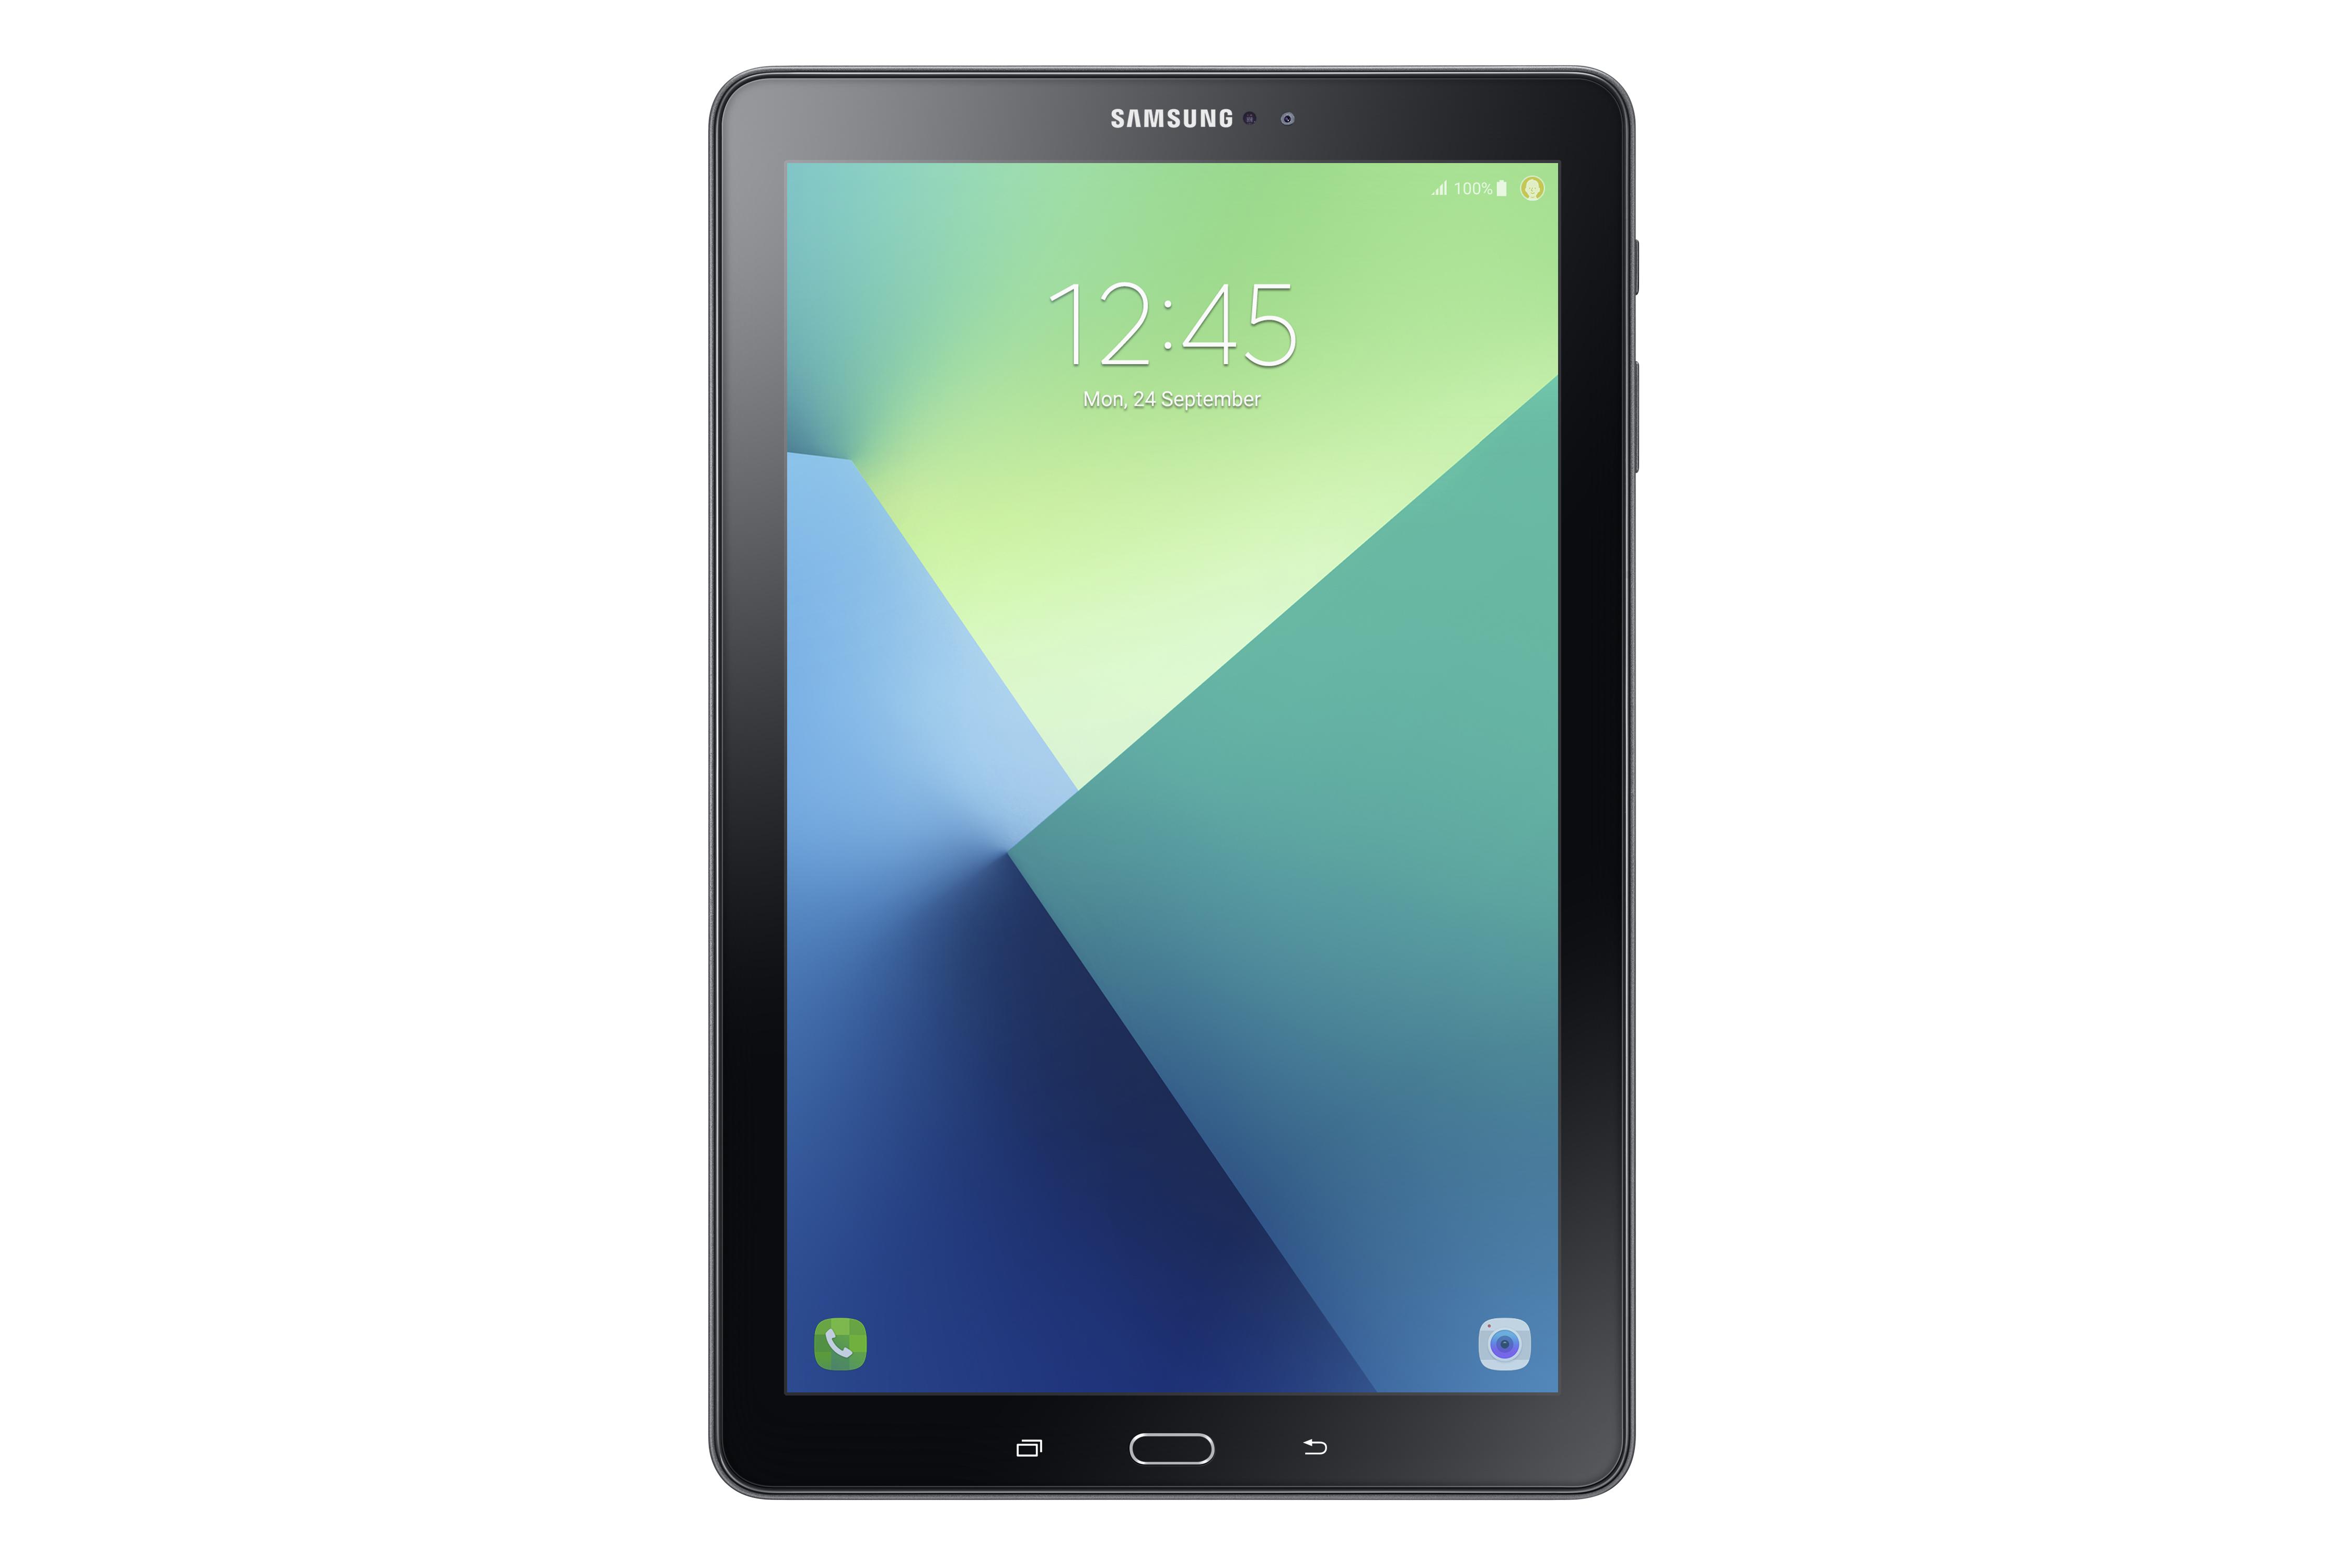 Galaxy Tab A 2016 com S Pen chega ao mercado aliando melhor design com recursos para uso no dia a dia